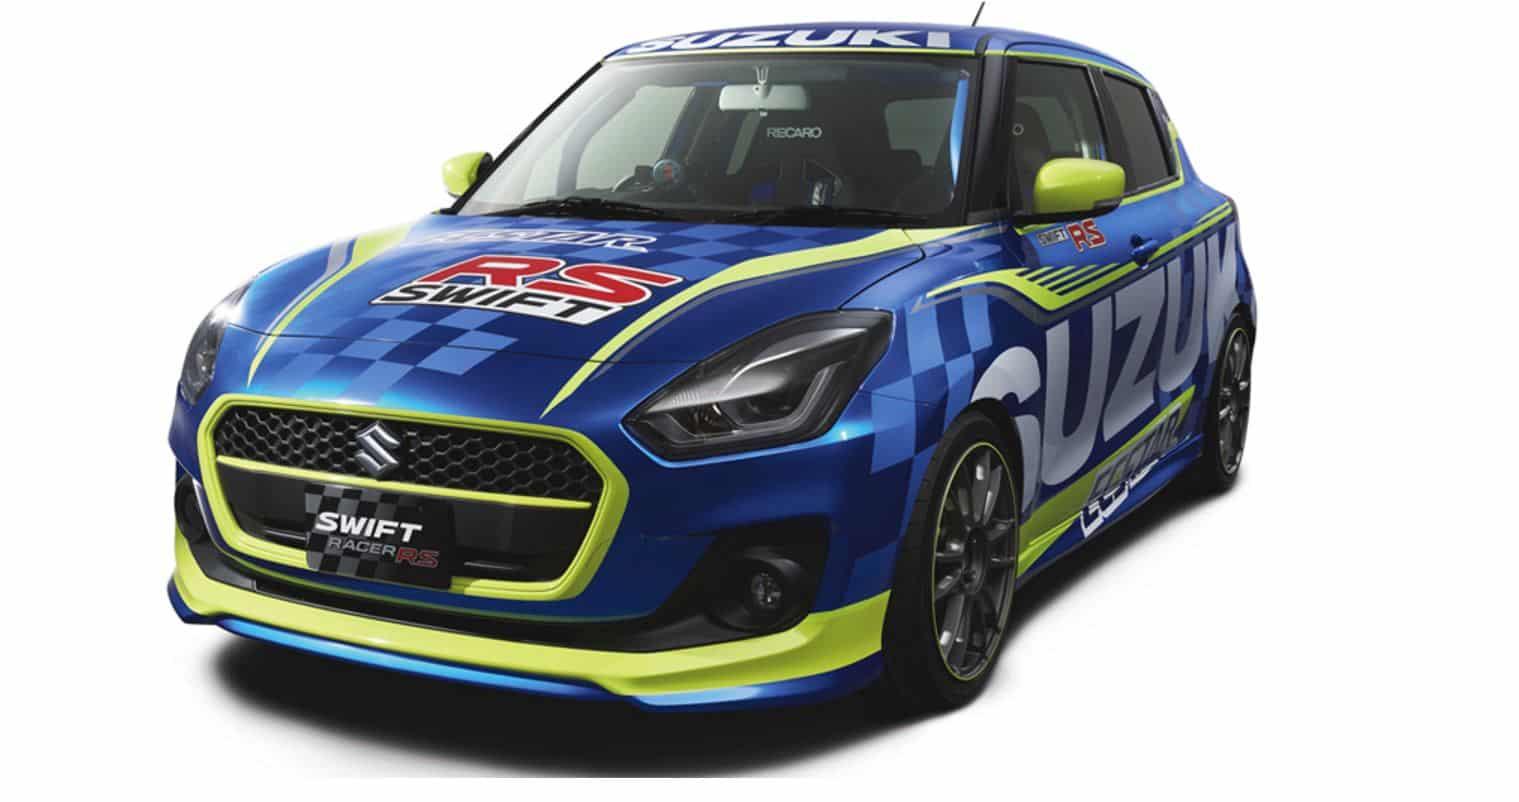 Suzuki nos muestra su escaparate para el Salón de Tokio: Atento al Swift Racer RS…